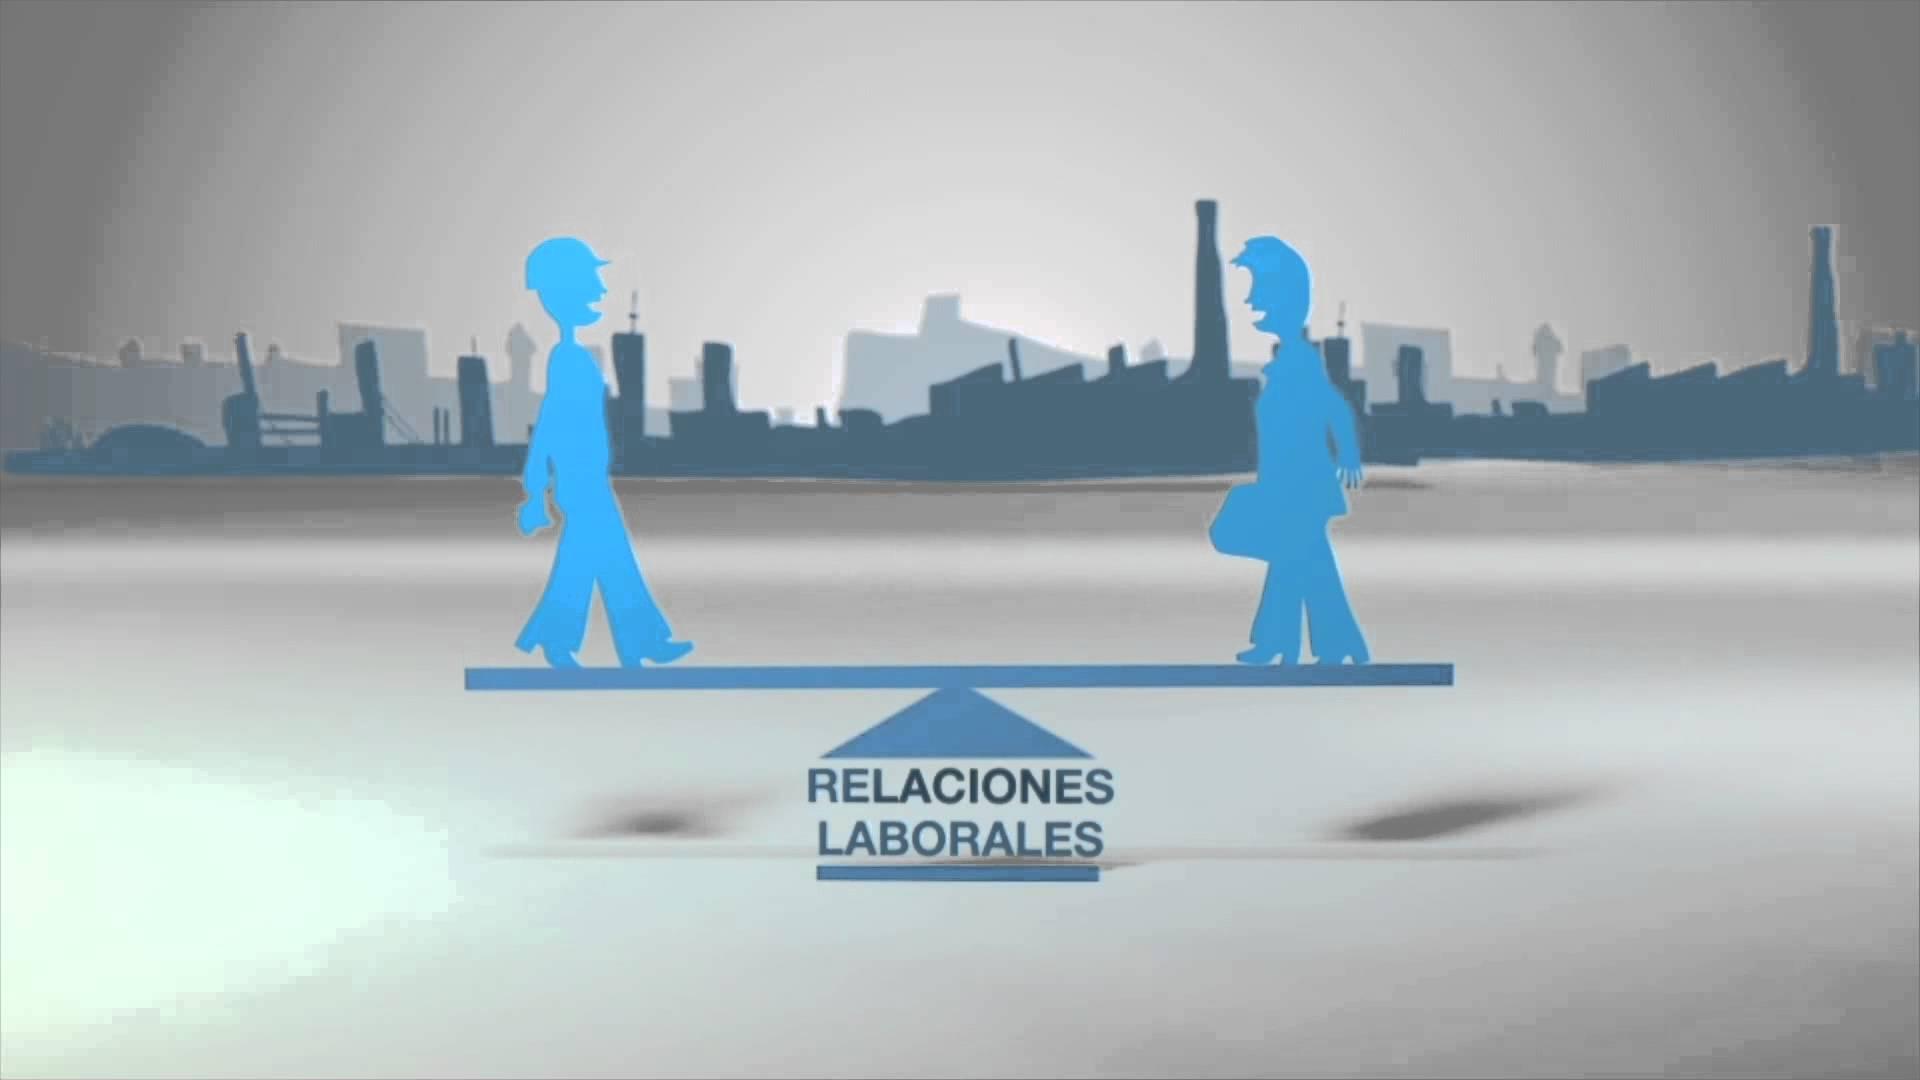 Relaciones-Laborales